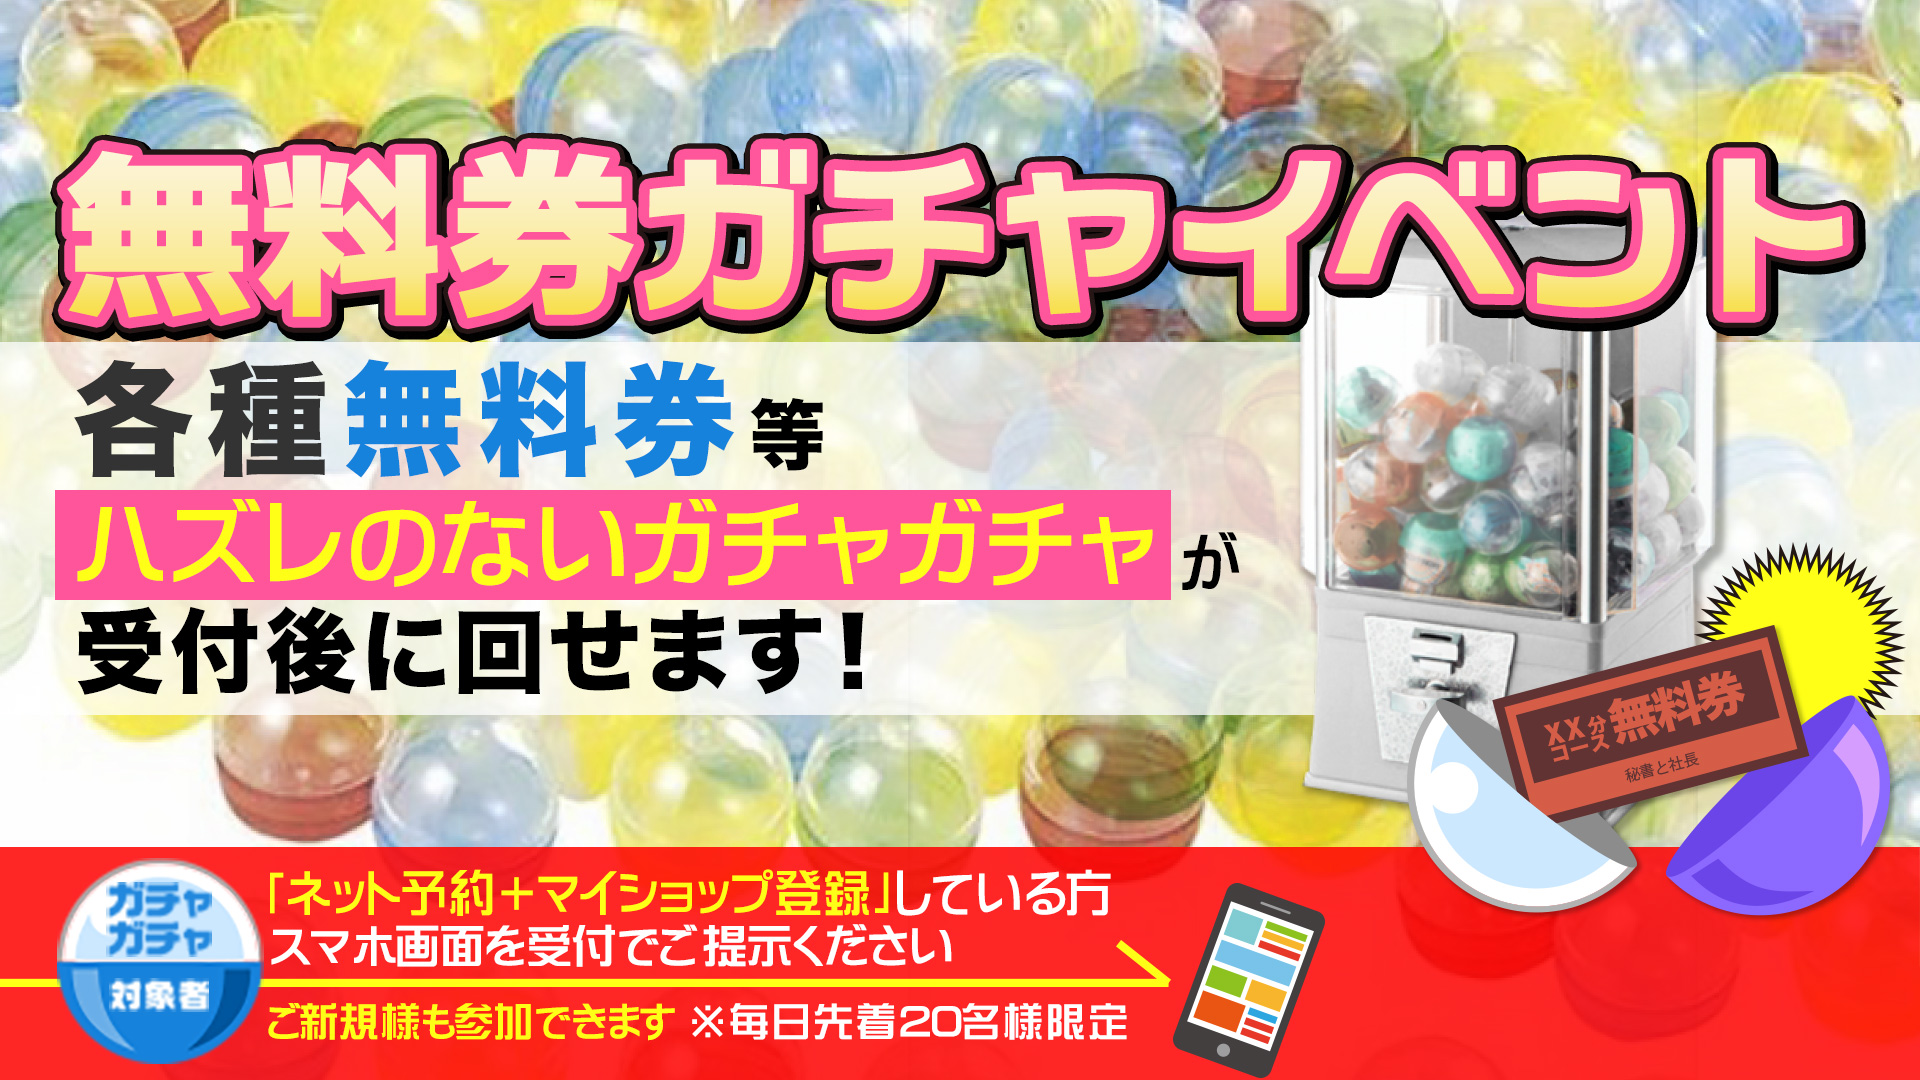 10/5~開催!無料券ガチャイベント!